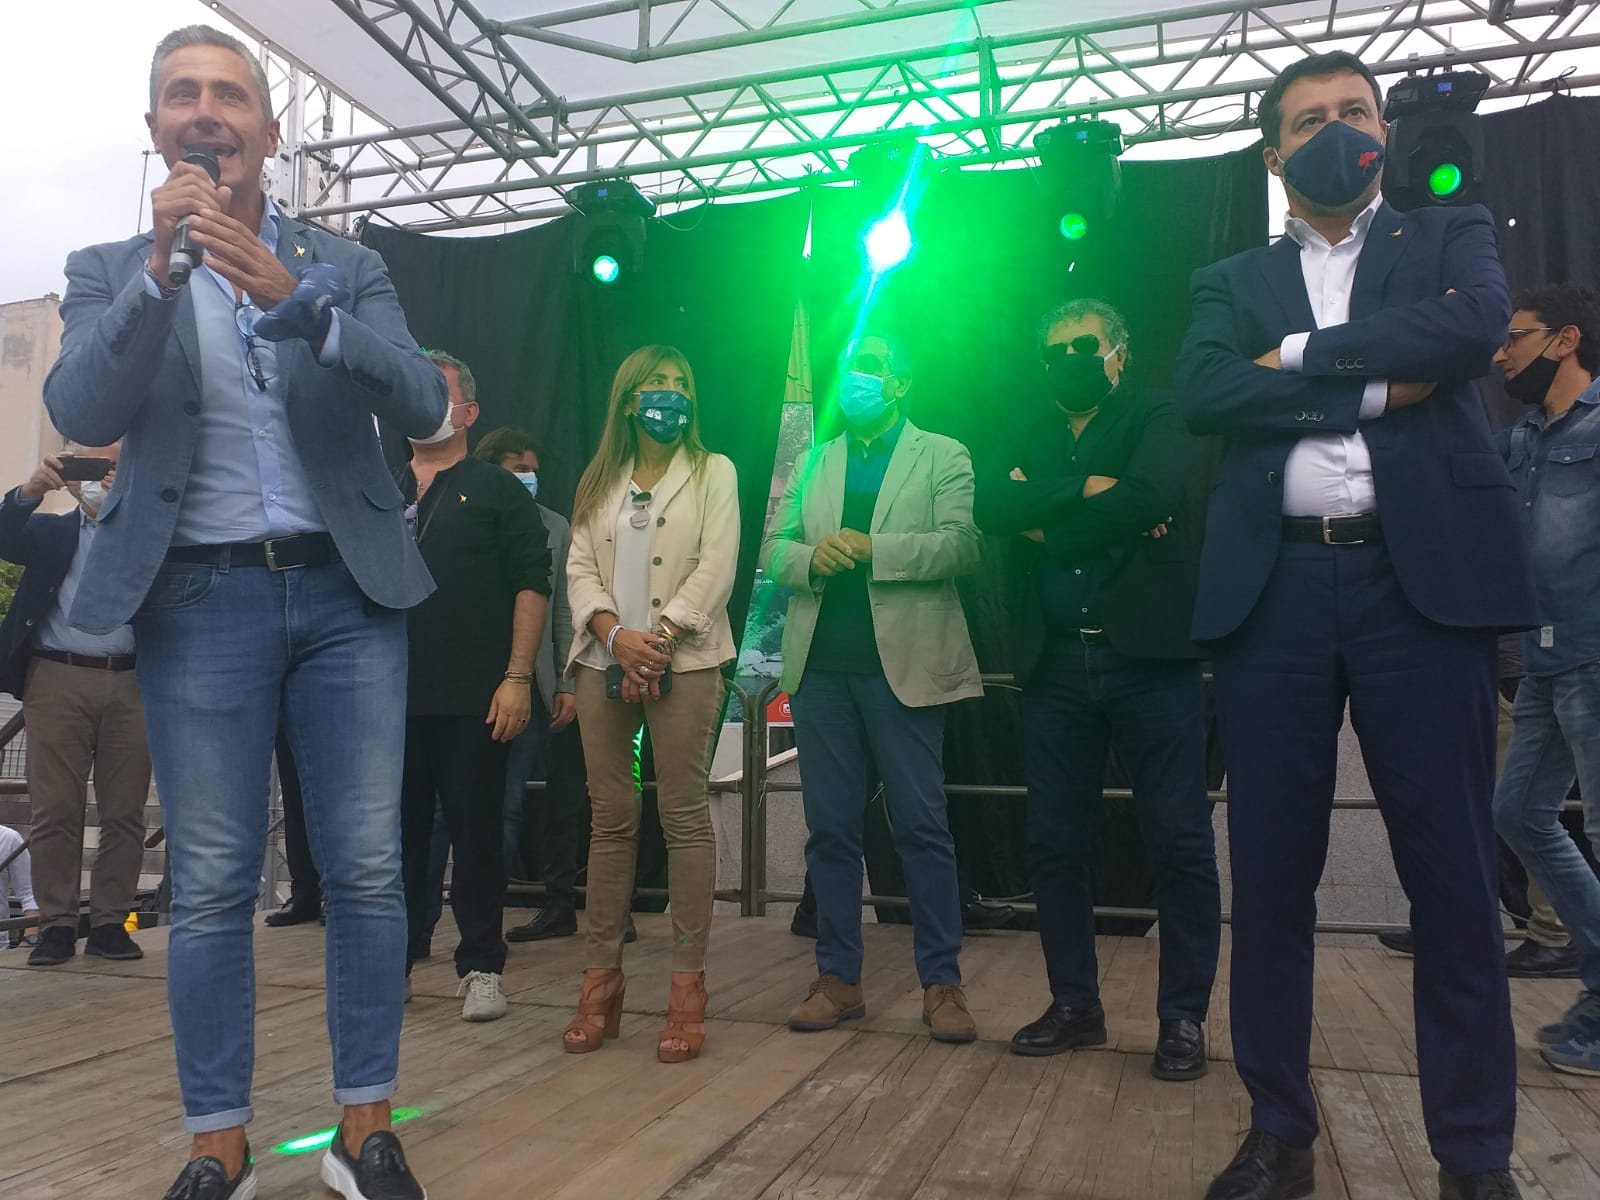 Salvini a Taurianova: festeggia Biasi e sfugge alle domande dei cronisti